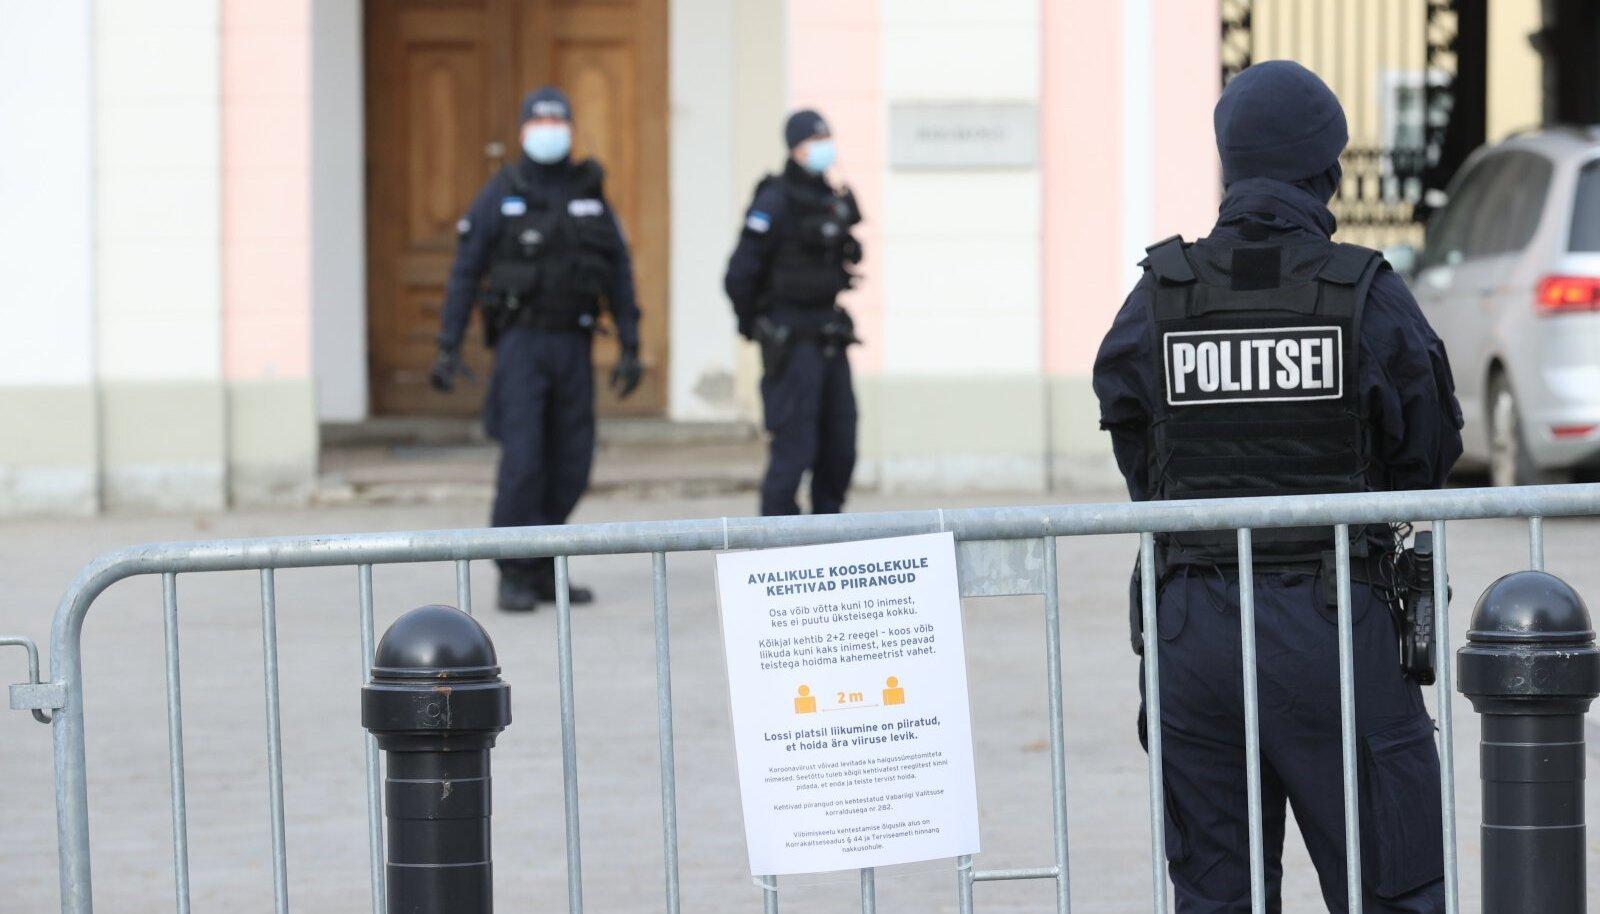 Politsei jälgimas koroonapiirangutest kinnipidamist Toompeal protestijate kogunemisel.